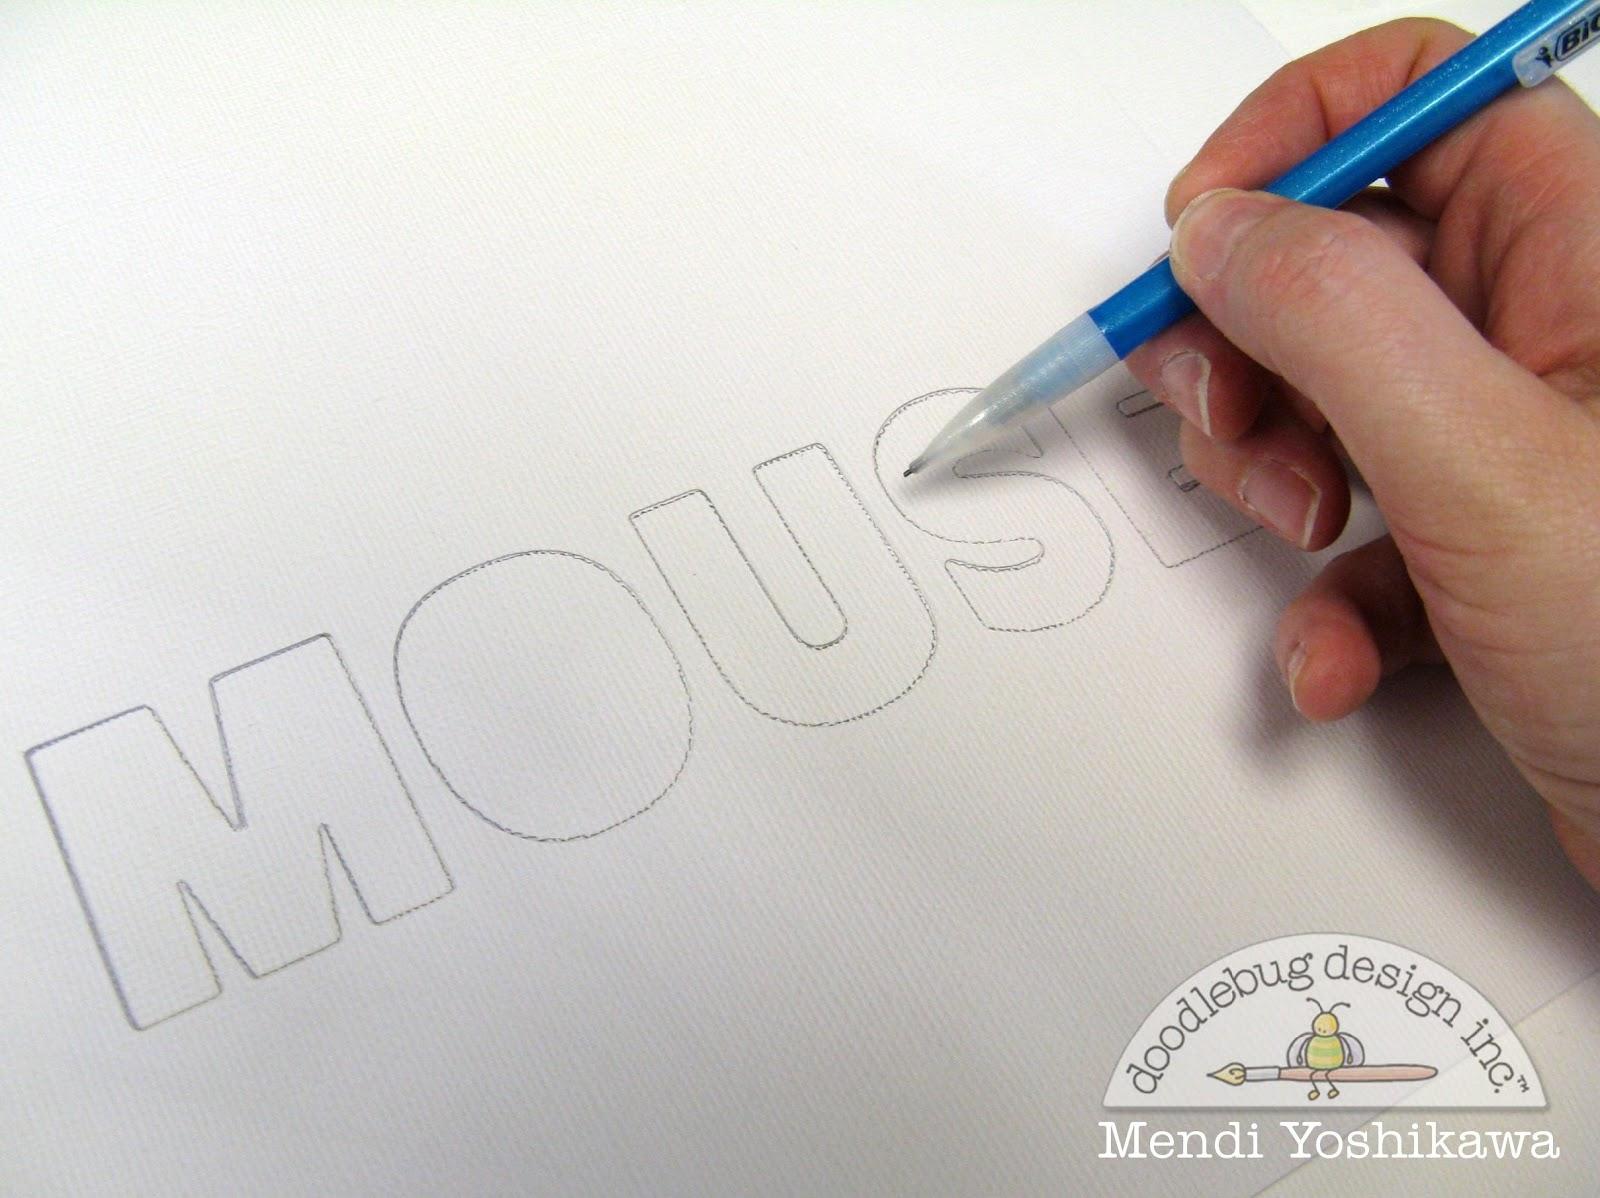 doodlebug design inc blog kraft in color mouse mania layout by mendi